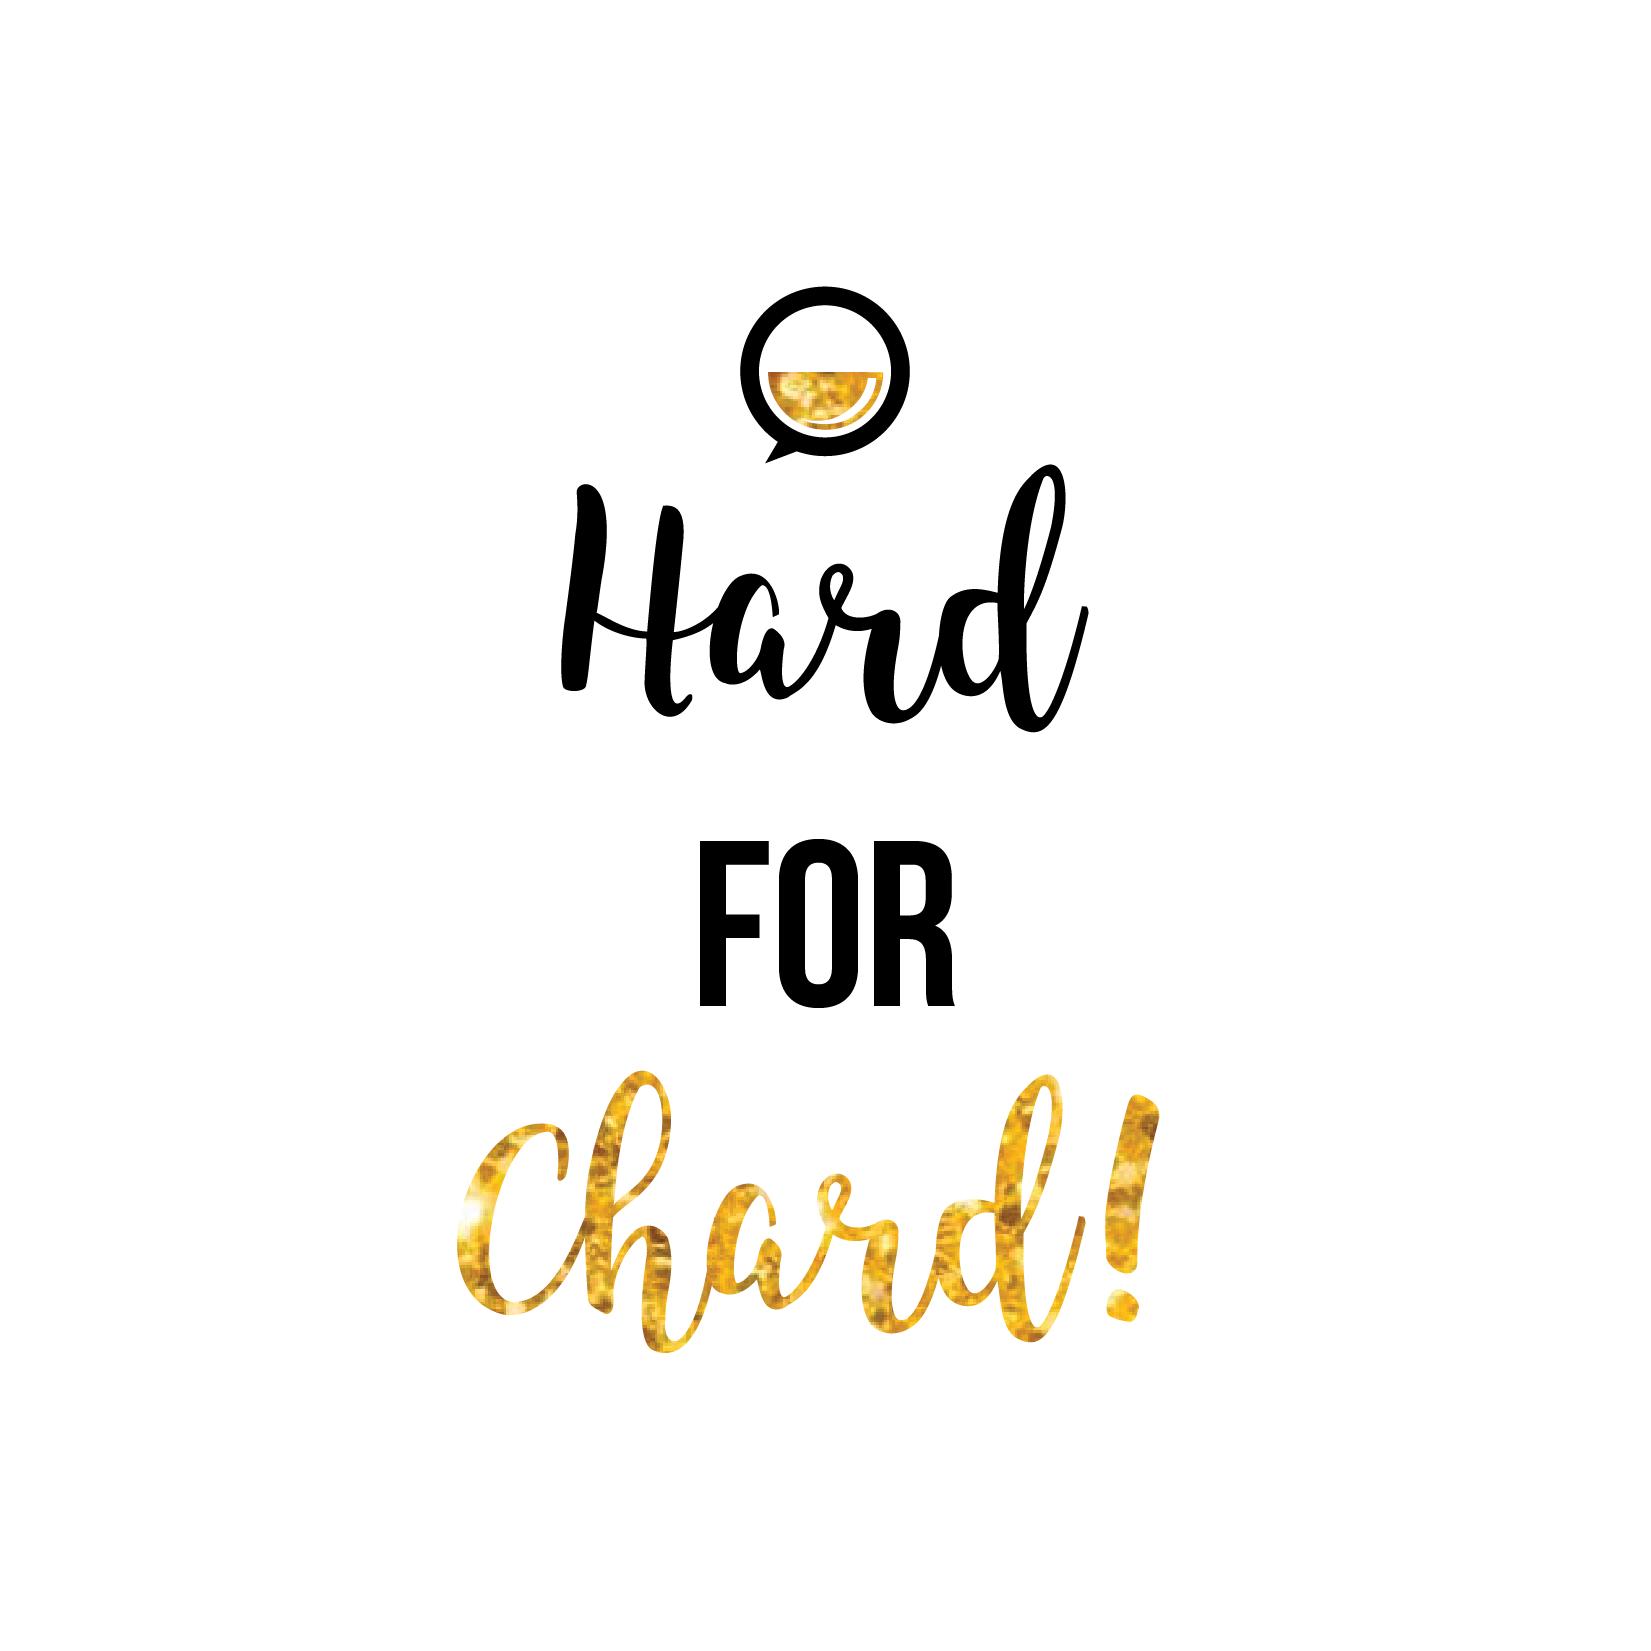 hardforchard-04